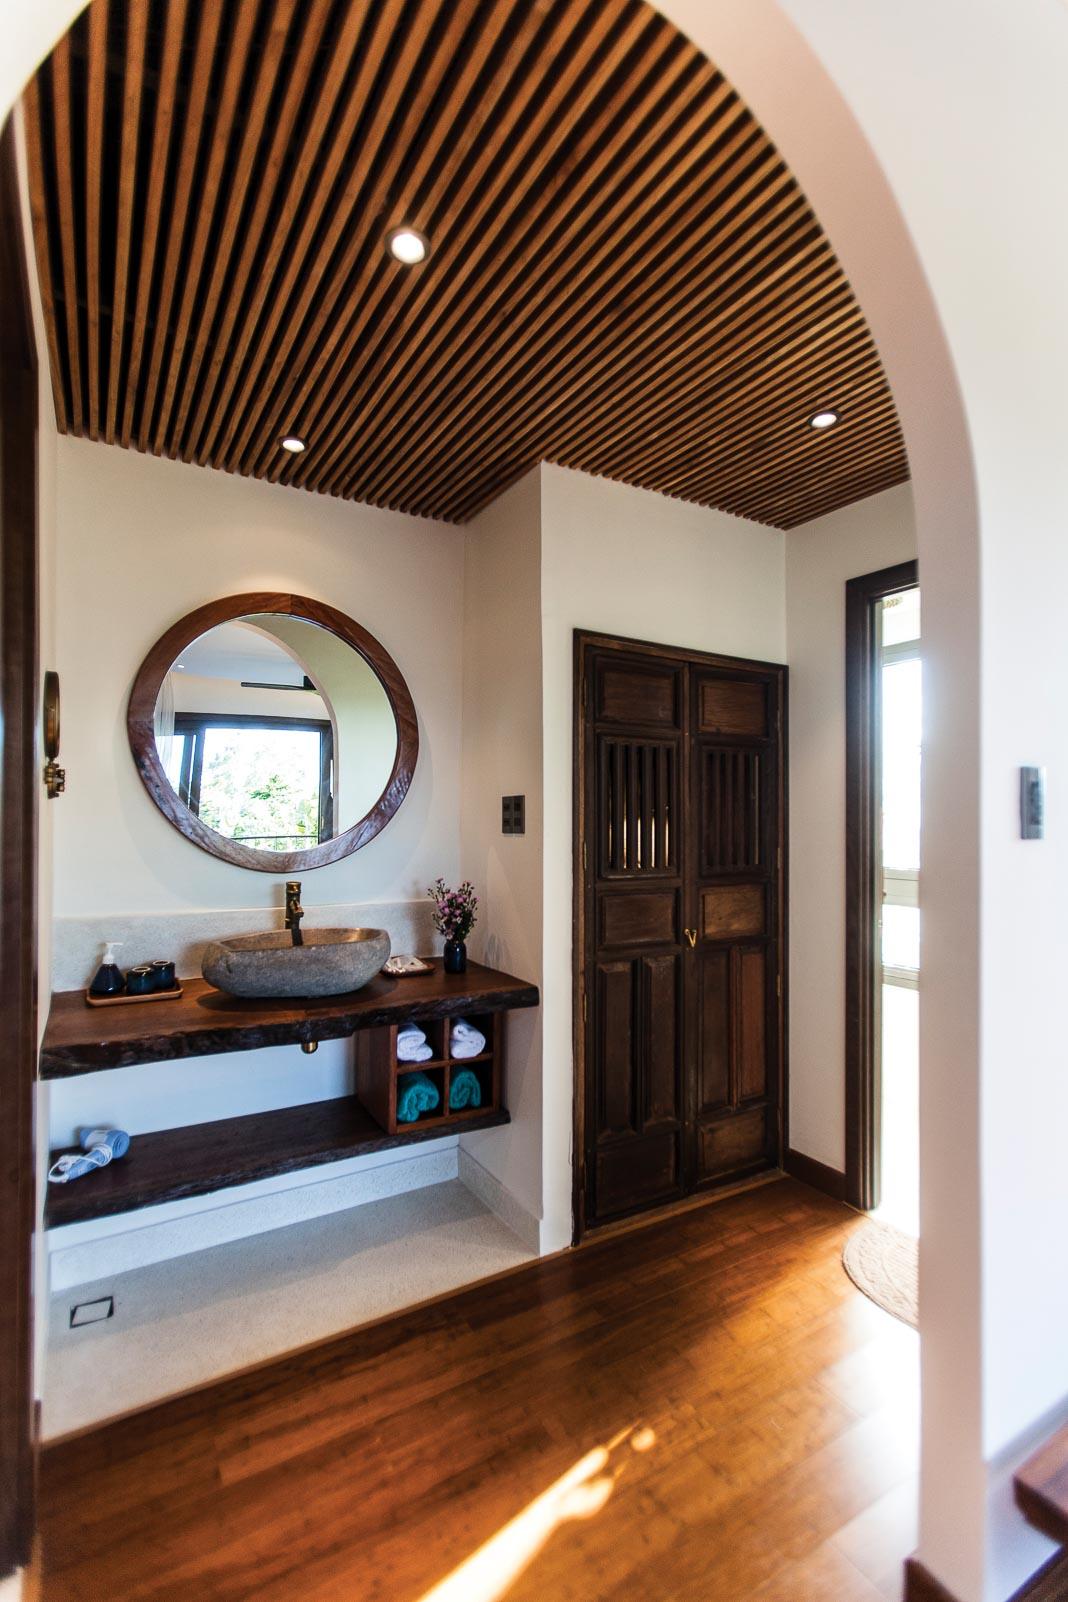 Một phòng ngủ tiêu biểu trên lầu với thiết kế thô mộc, gần gũi với thiên nhiên, không gian thoáng mở 3